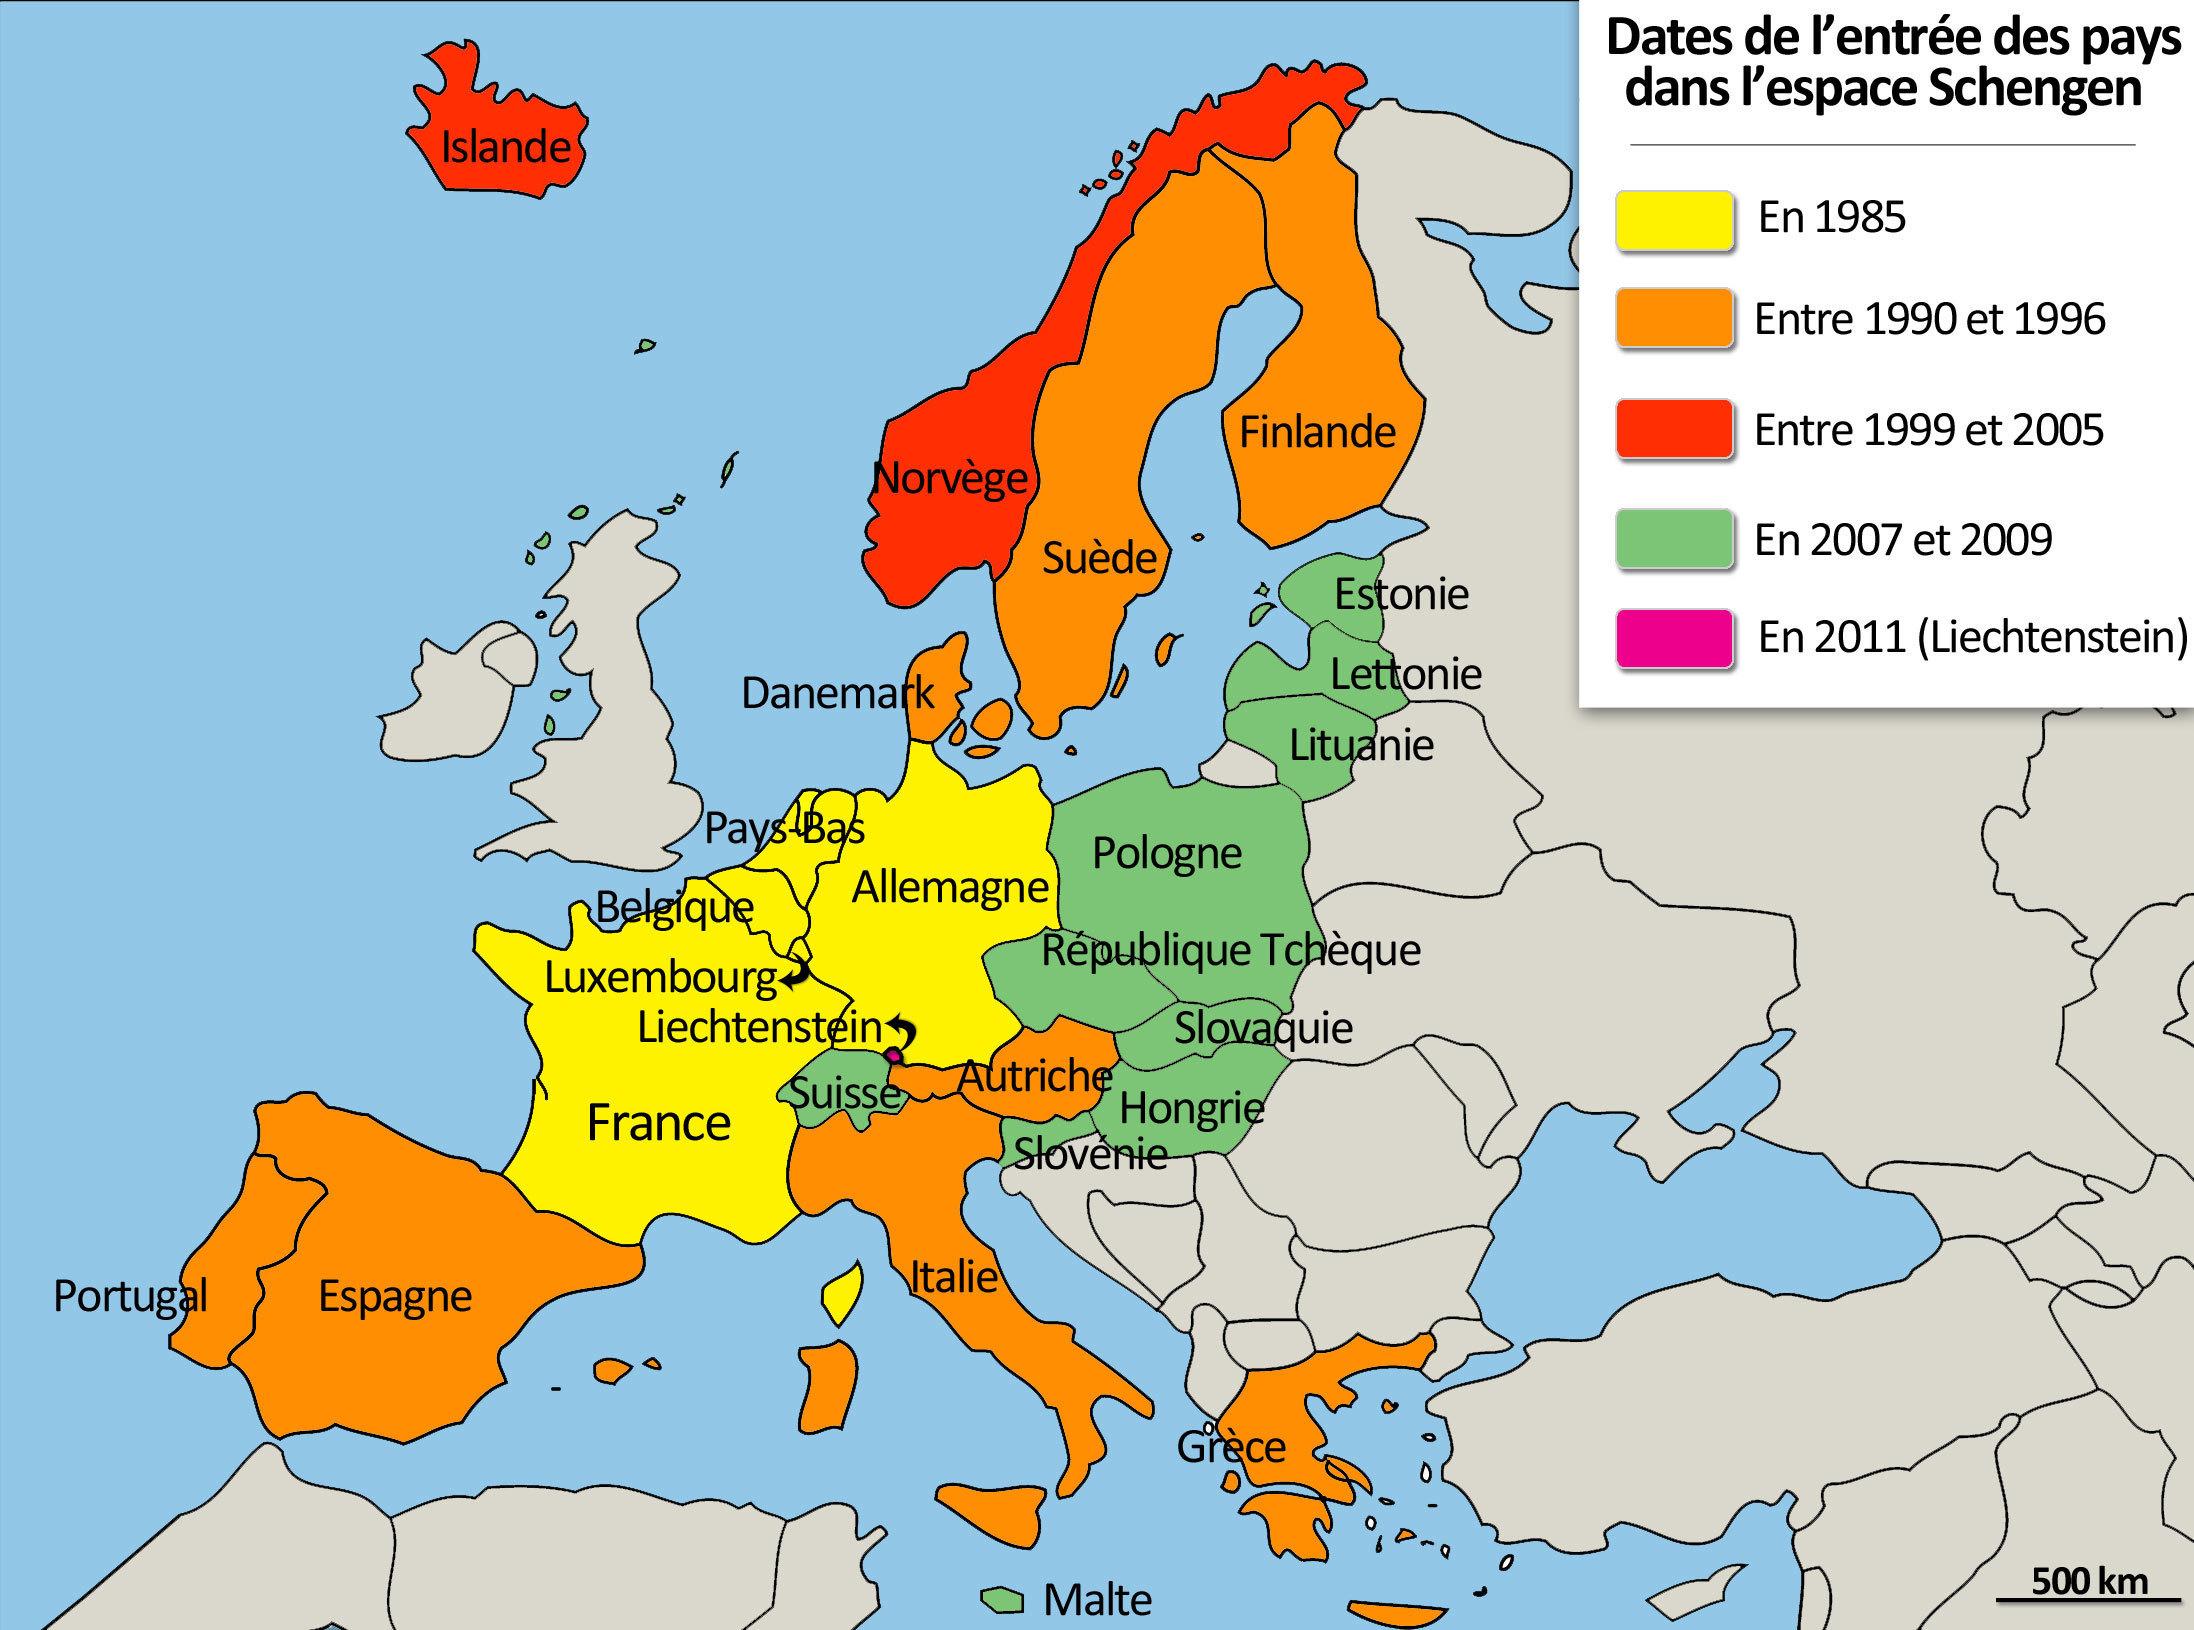 Bonsoir, J'ai Vraiment Besoin De Votre Aide Seulement Pour avec Carte Pays Union Européenne